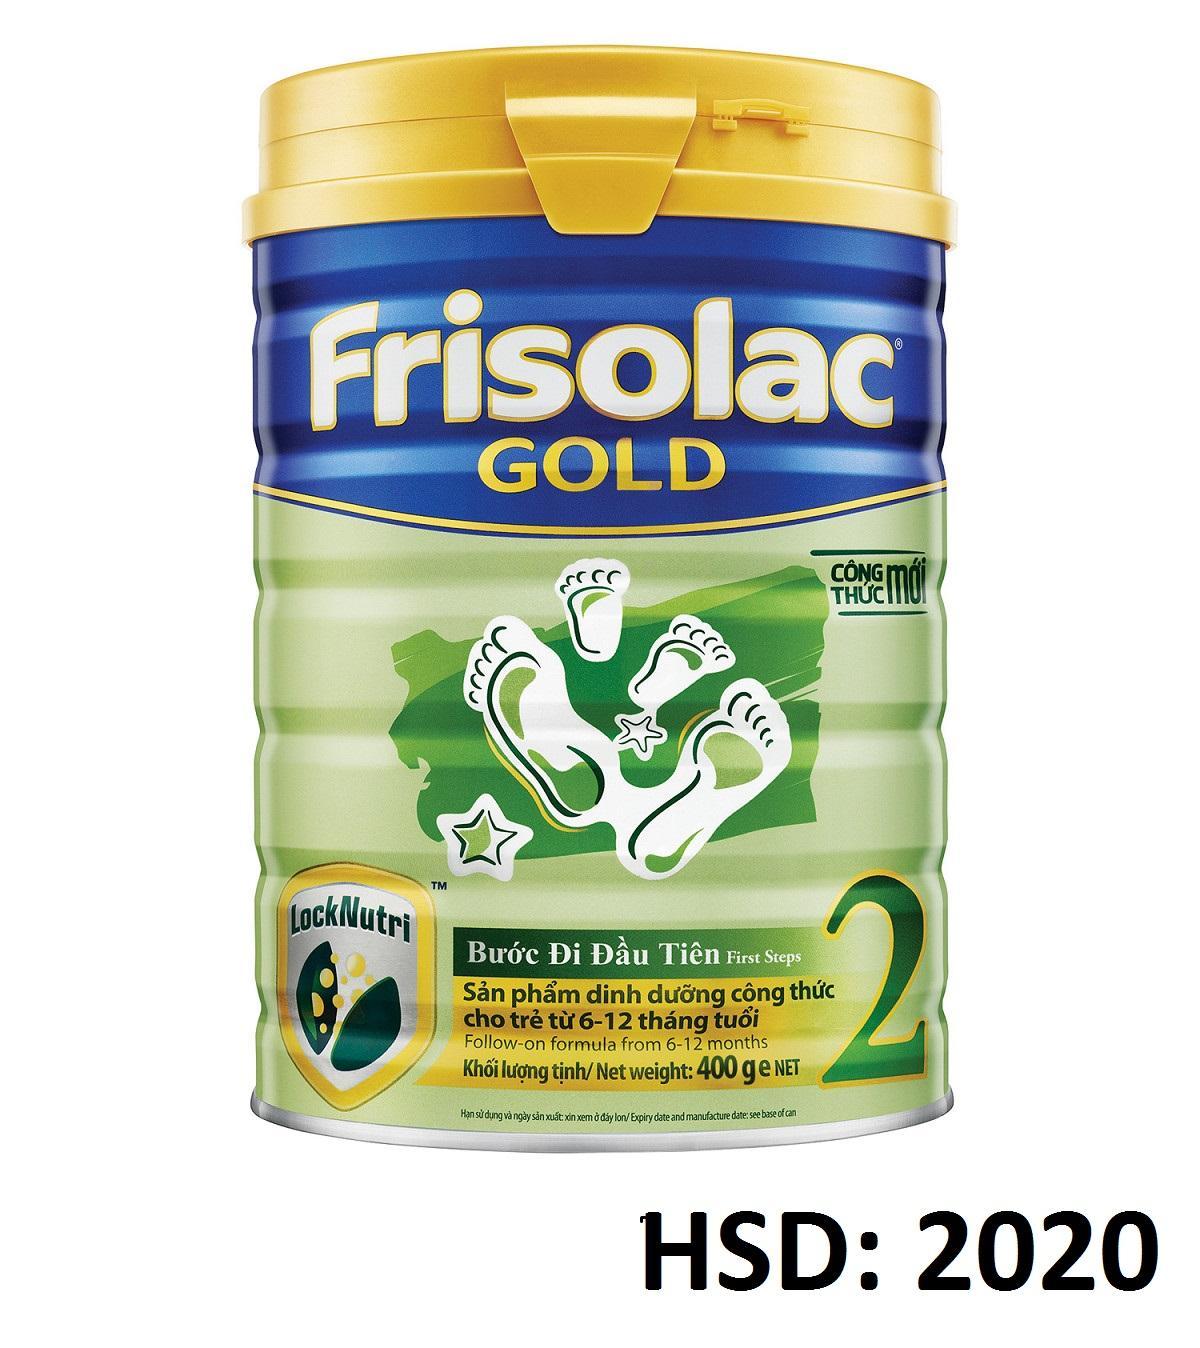 Bán Sữa Bột Frisolac Gold 2 400G Trực Tuyến Trong Quảng Ninh